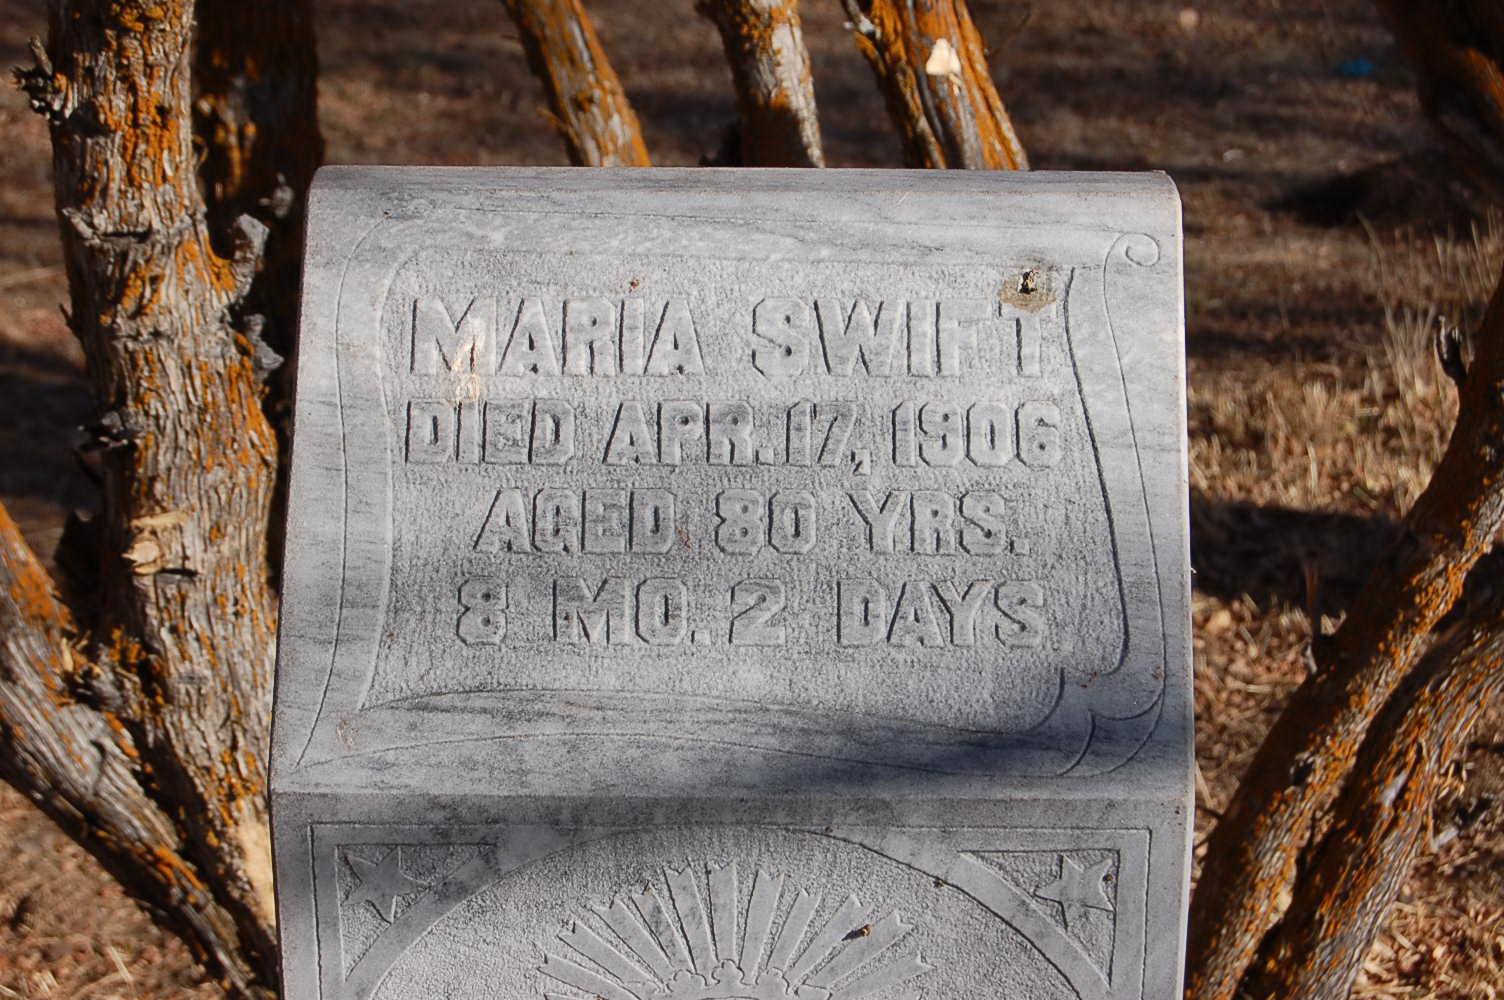 Maria Marsha Bower